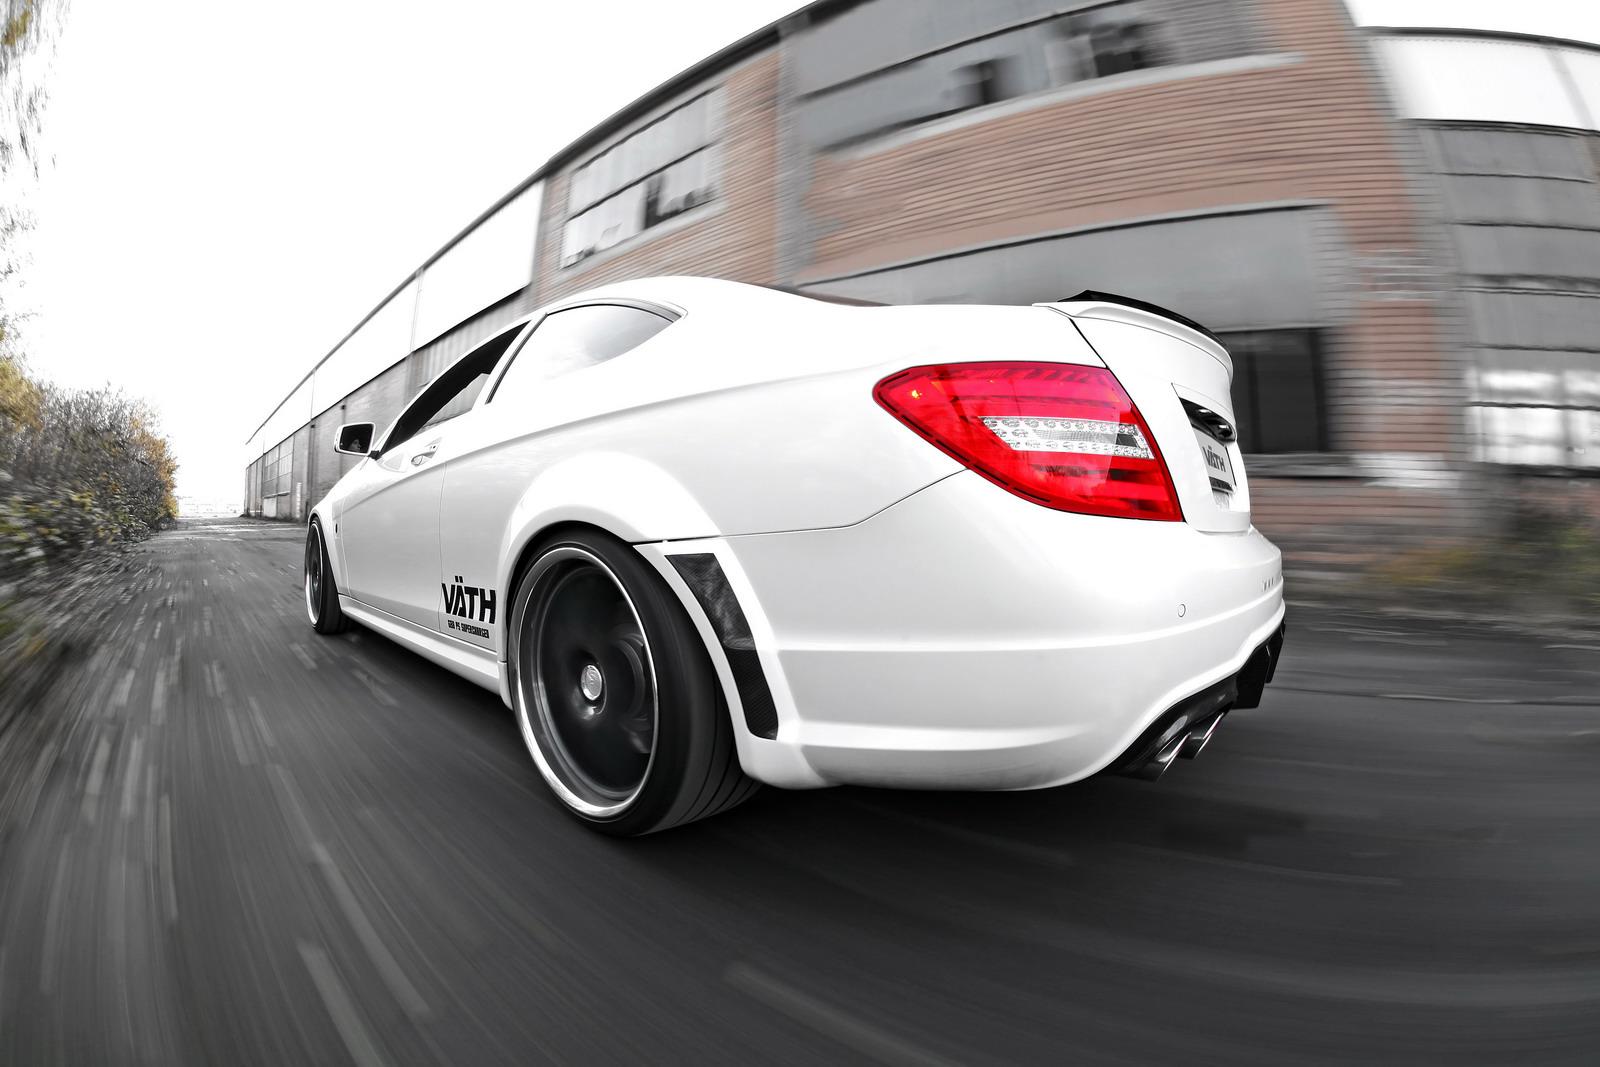 VATH V63 Supercharged aneb vyladěný Mercedes C63 AMG 6